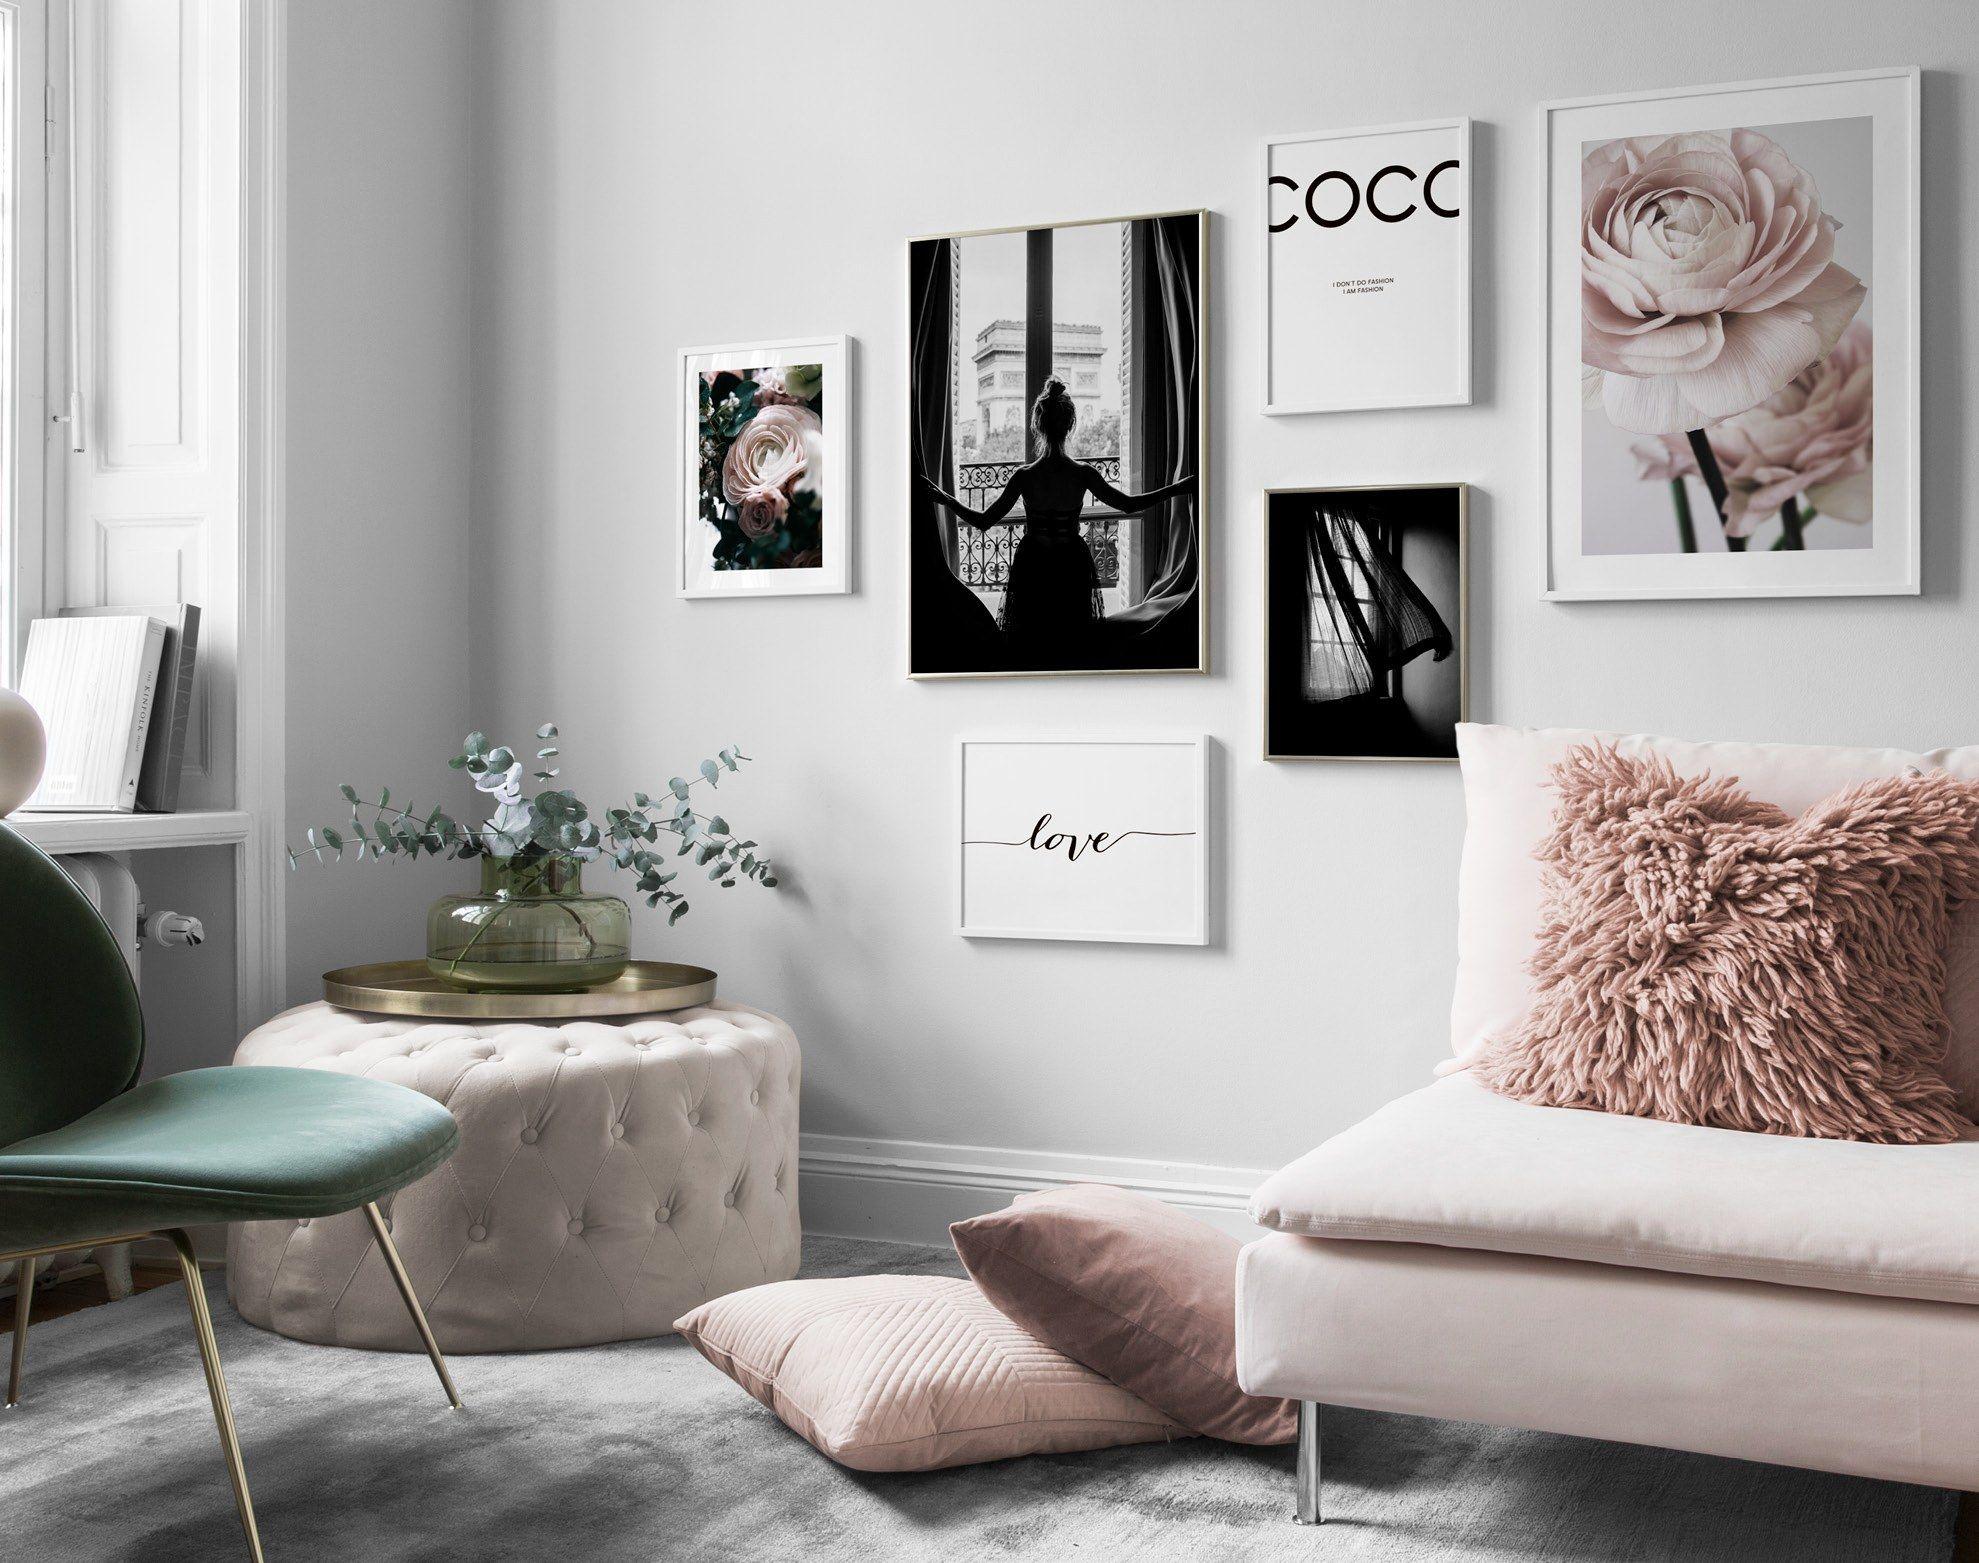 Seite 7 Inspiration für schöne Wohnzimmer Bilderwand mit